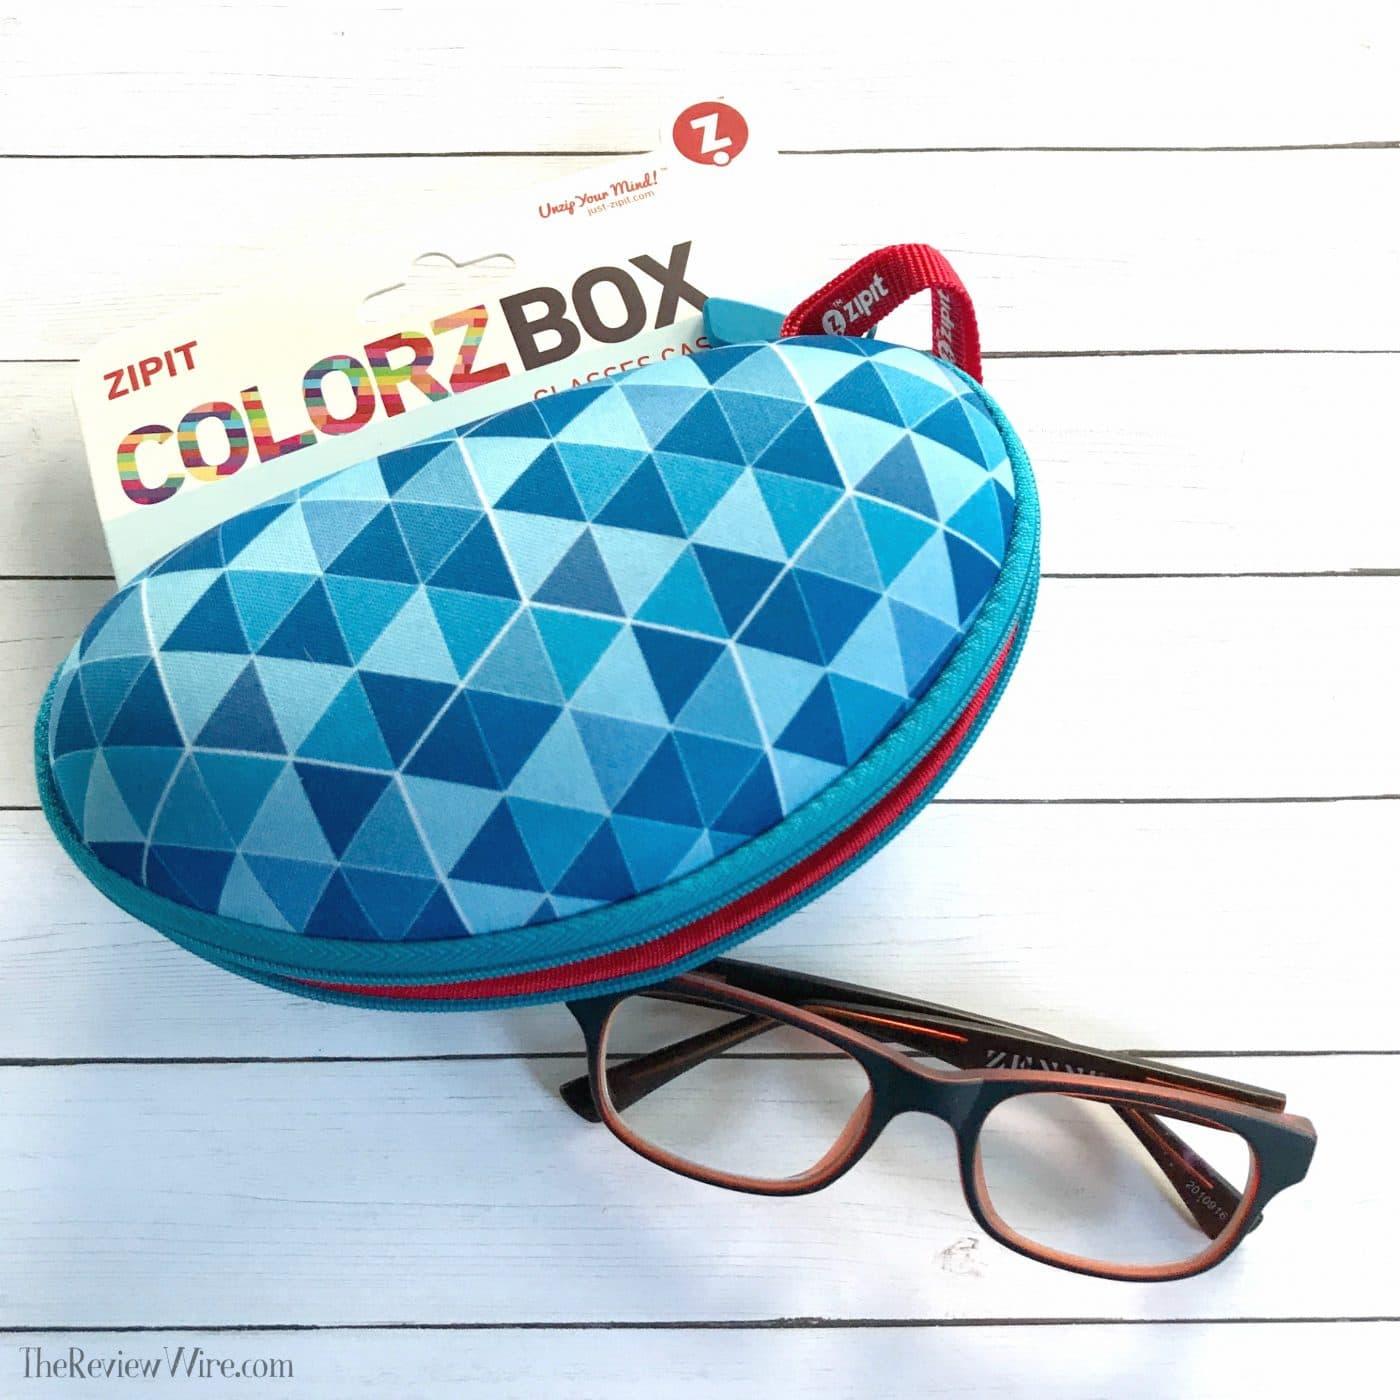 ZIPIT Colorz Box Glasses Case